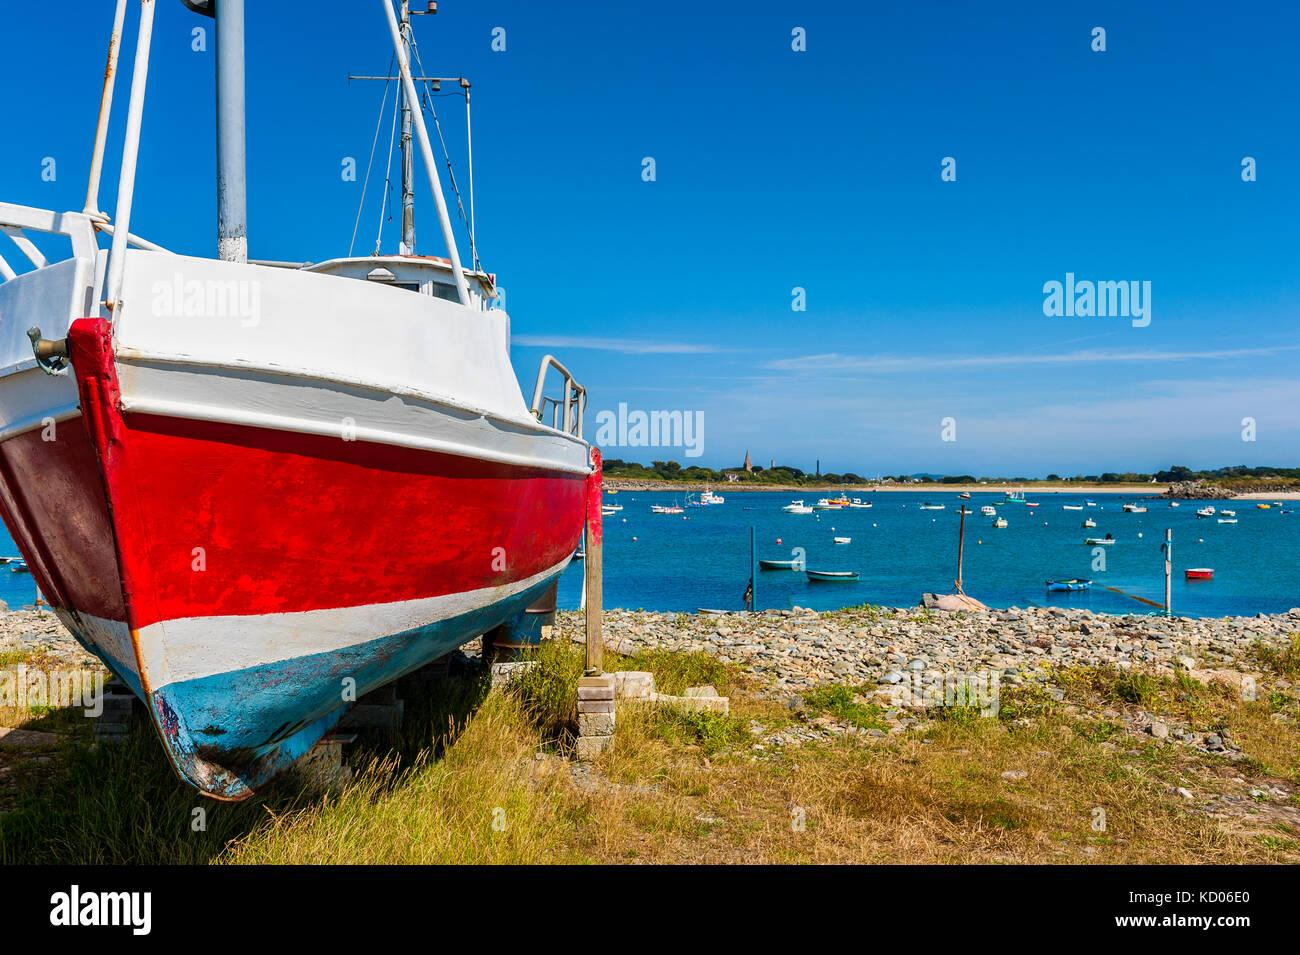 Embarcación de pesca de orilla en la aldea de vale, Guernsey, Islas del Canal, Reino Unido el día de verano Imagen De Stock